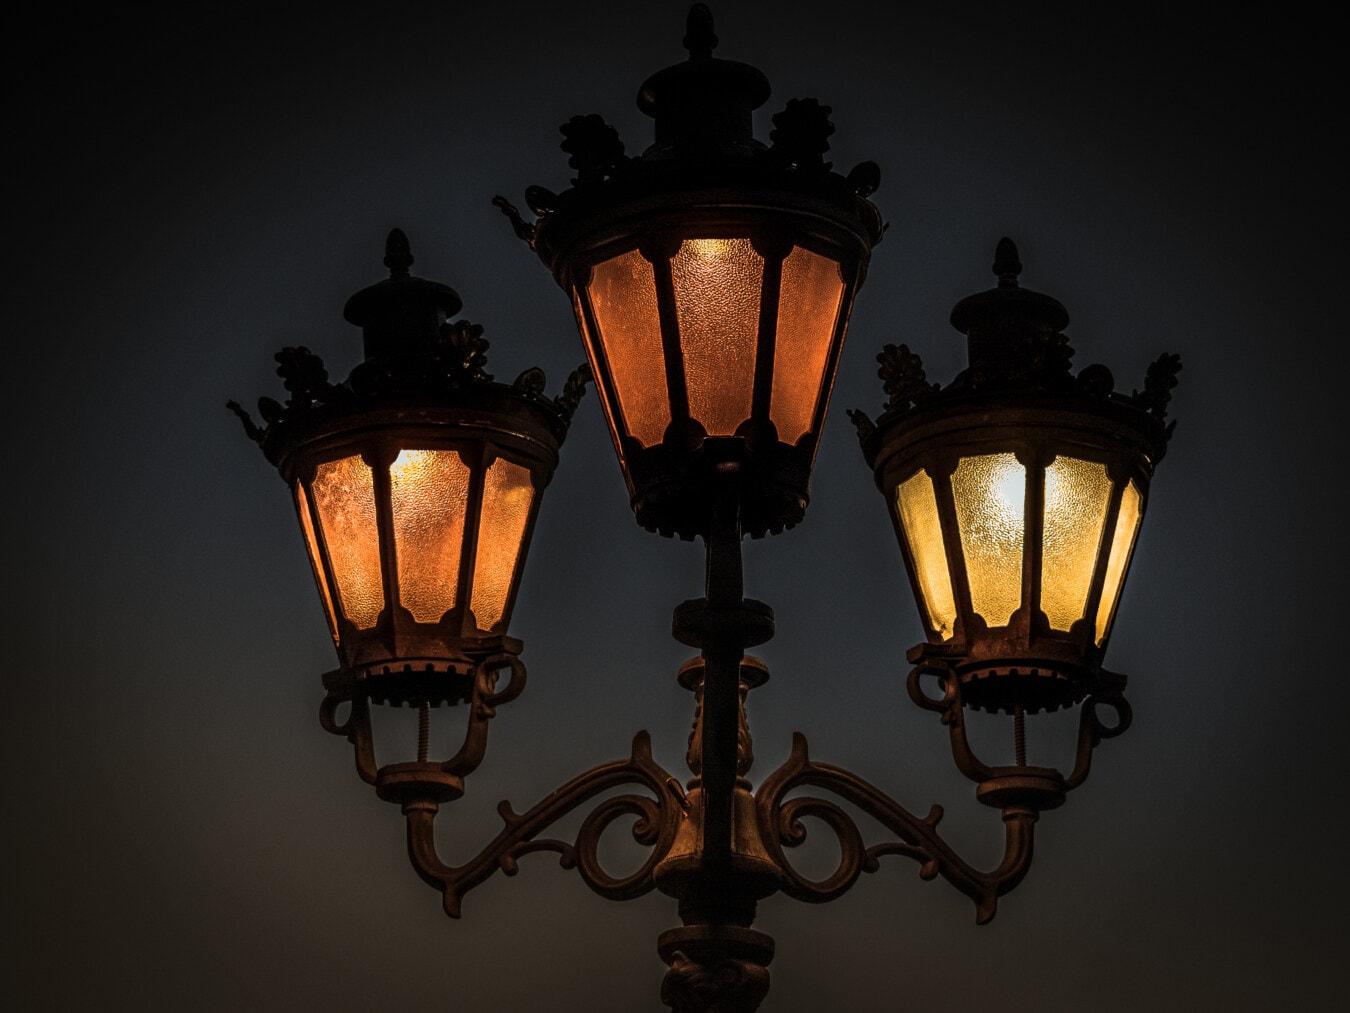 viktorianischen, Lampe, aus Gusseisen, Straße, Nachts, Gerät, Laterne, Antik, Klassiker, Retro